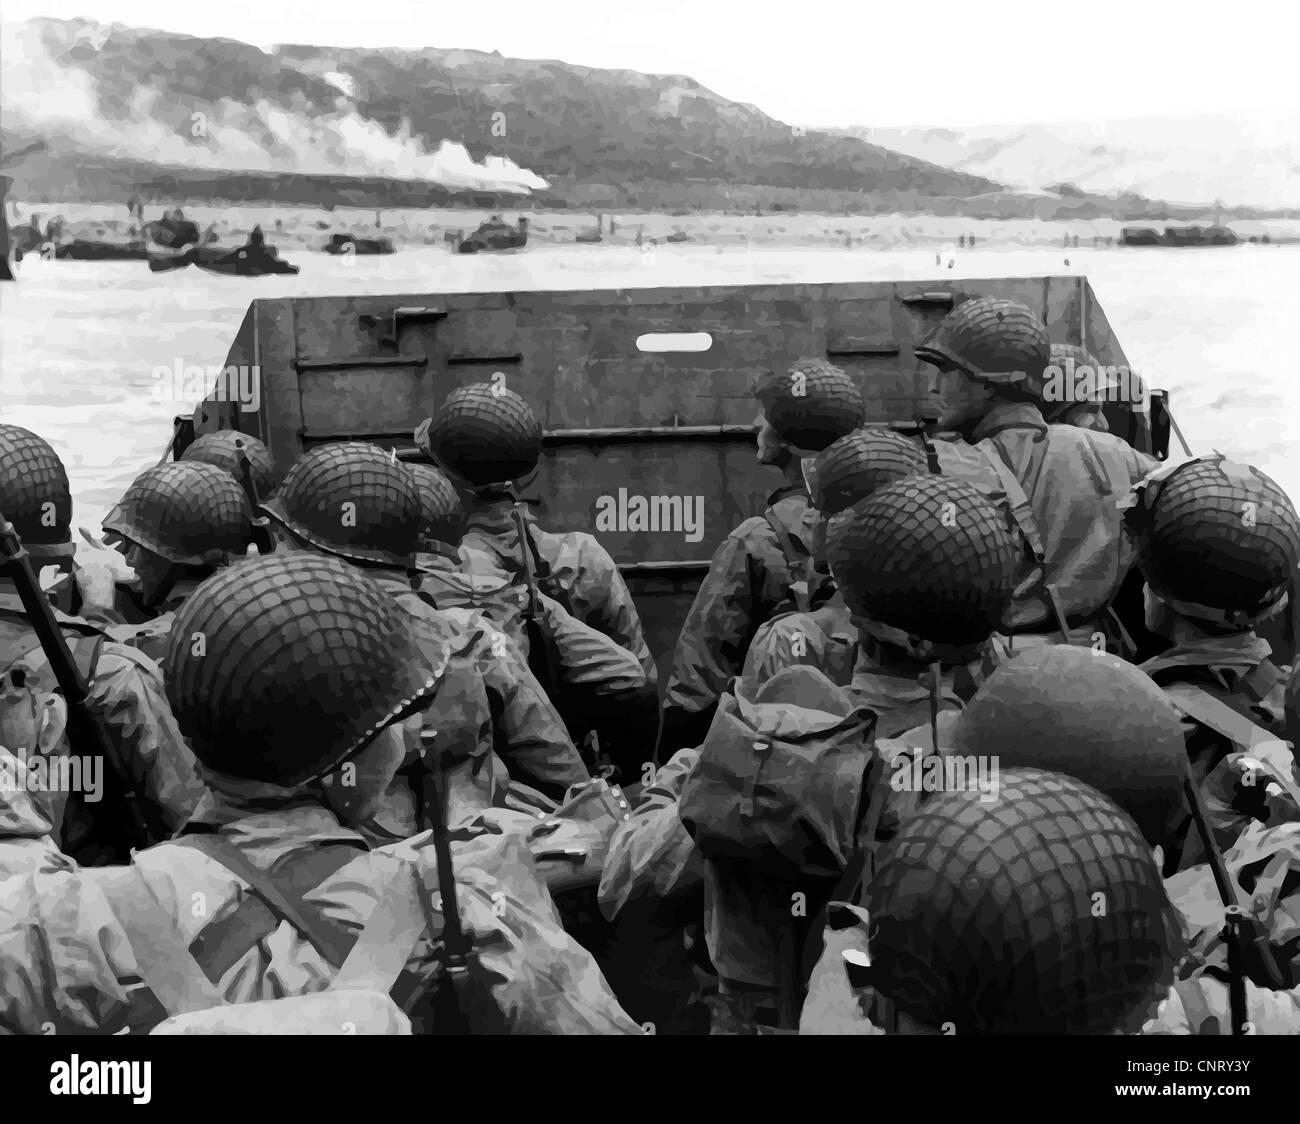 Restaurata digitalmente la foto del vettore delle truppe americane in una landing craft avvicinando la spiaggia Immagini Stock